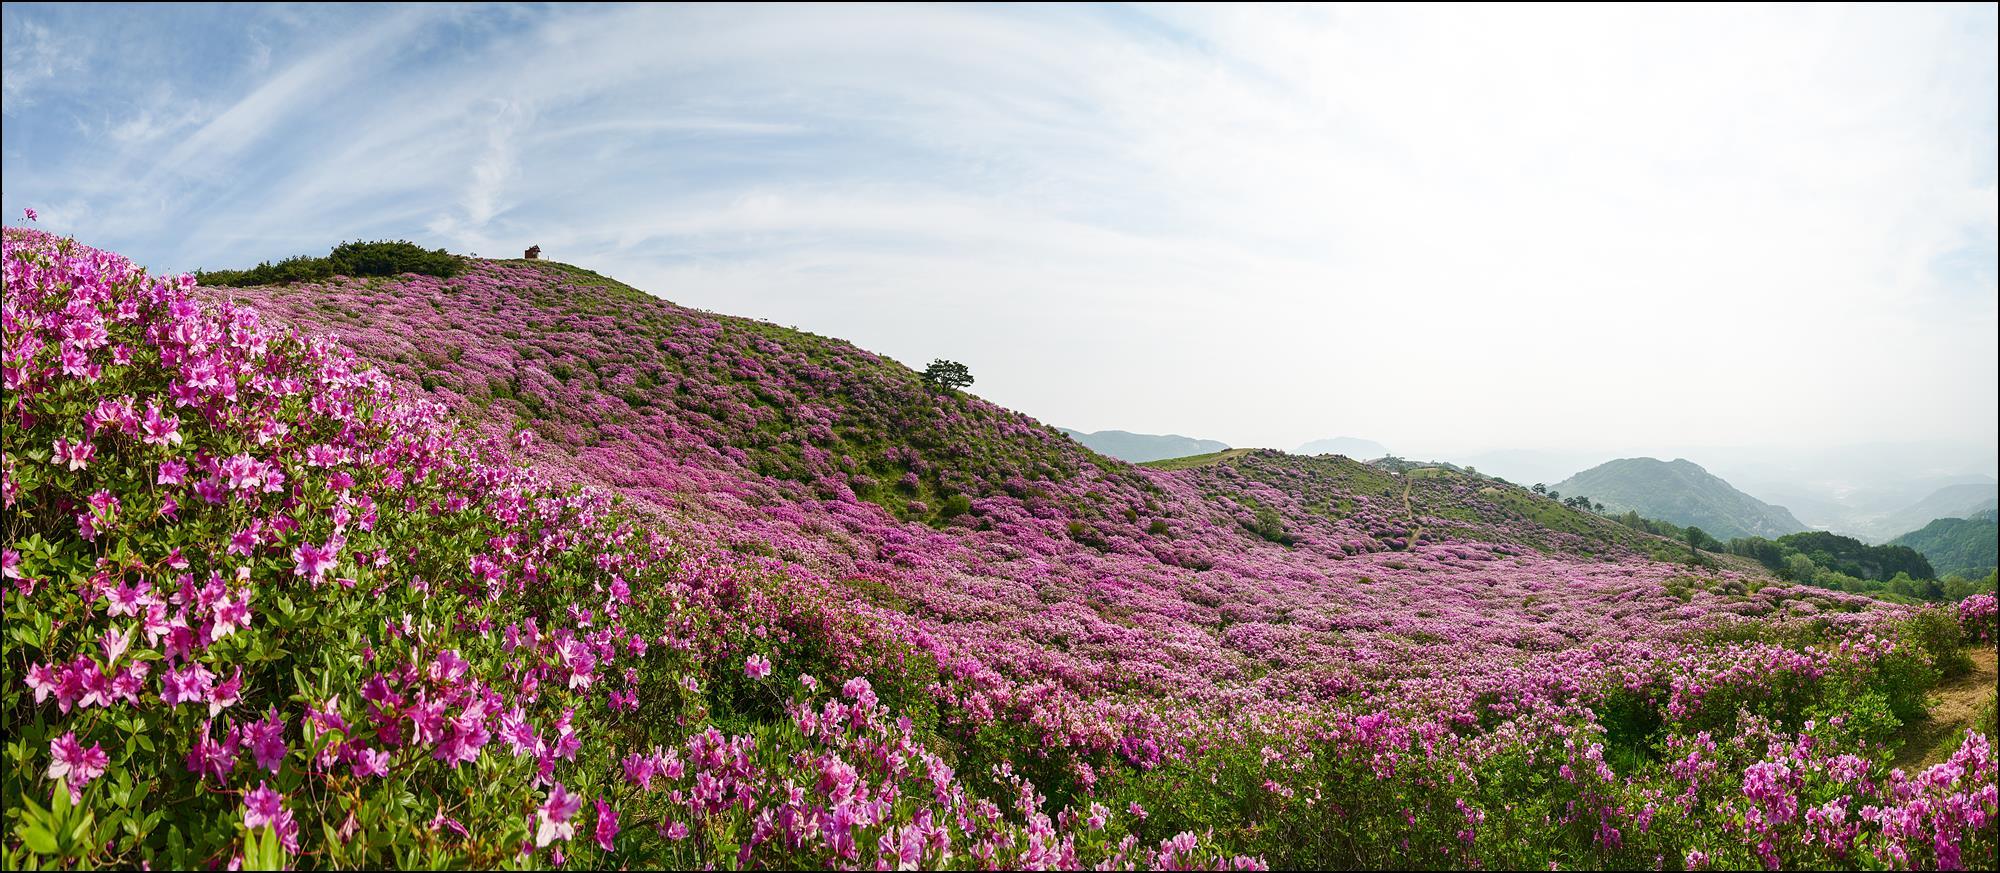 DSC_3540 Panorama.jpg